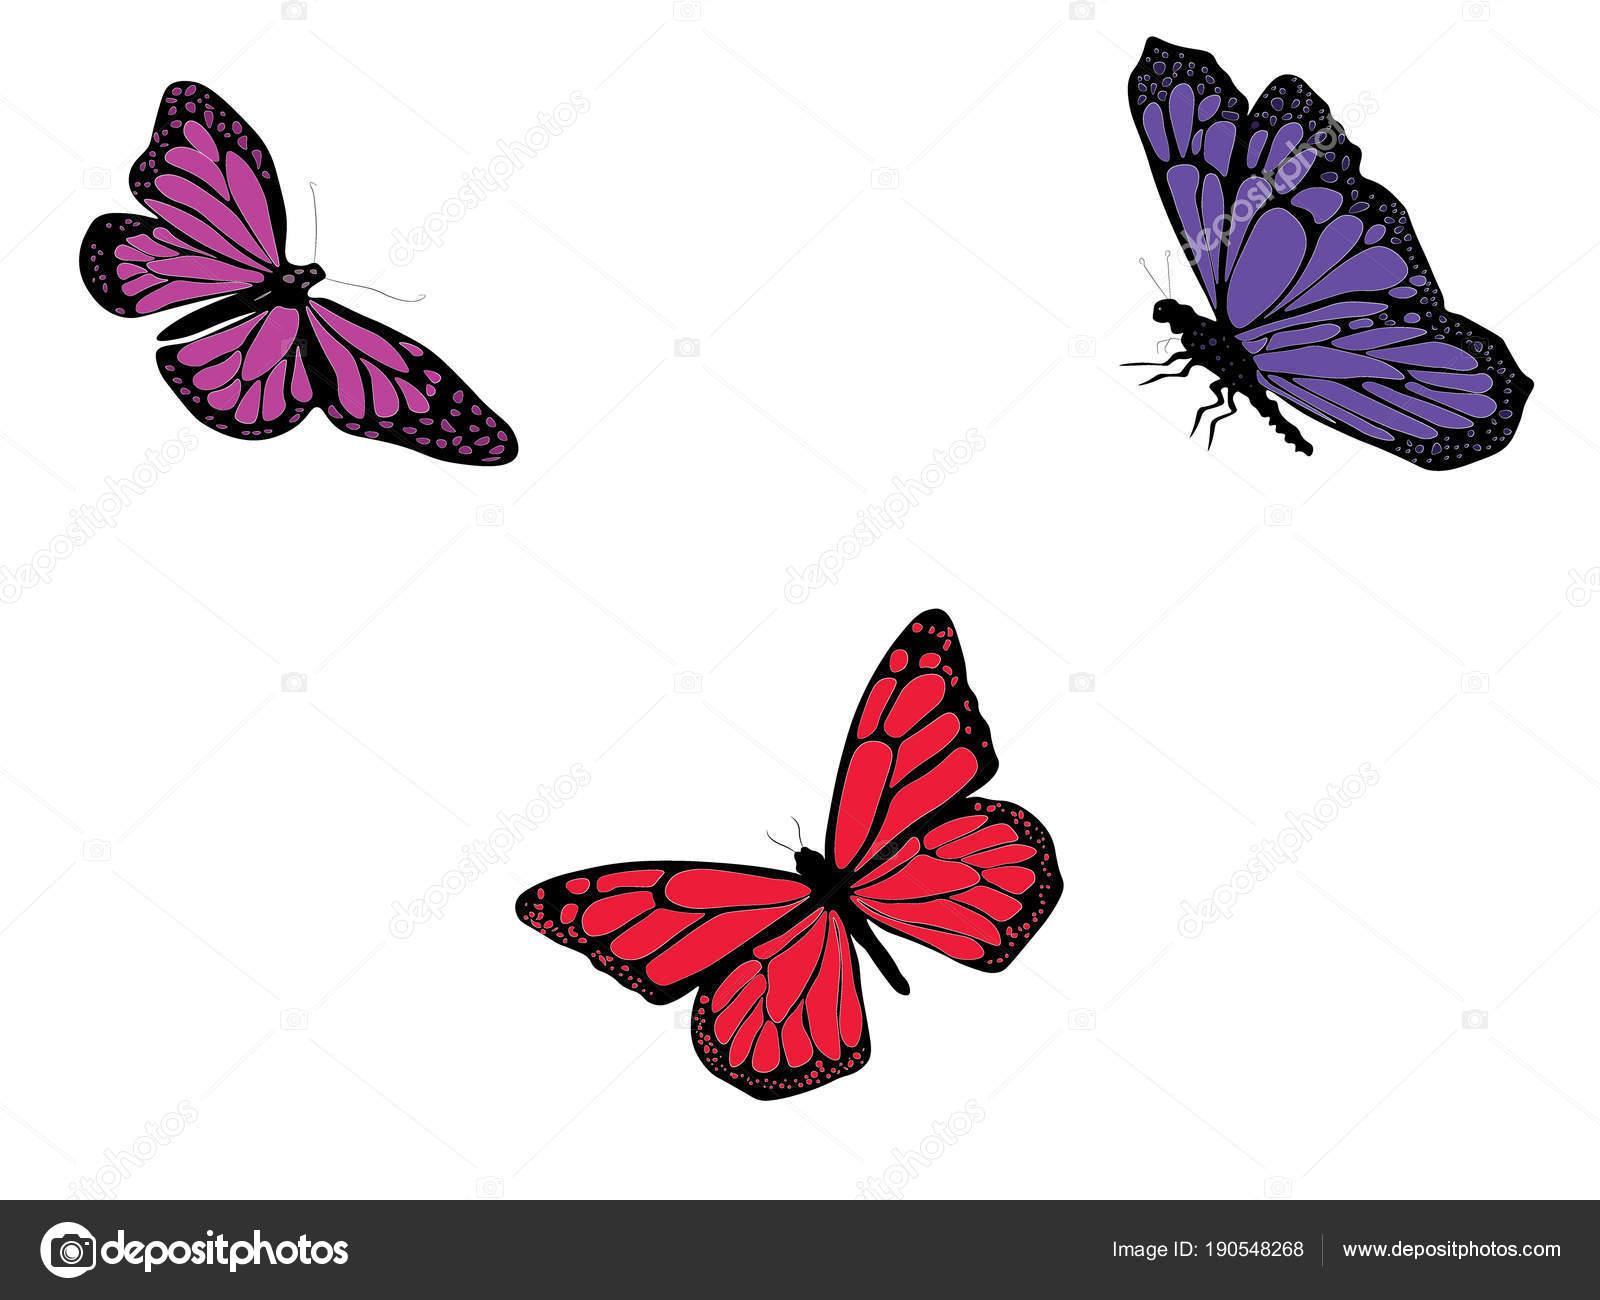 Digitalni Kresba Tri Izolovane Sviticich Motylu Cervene Fialove